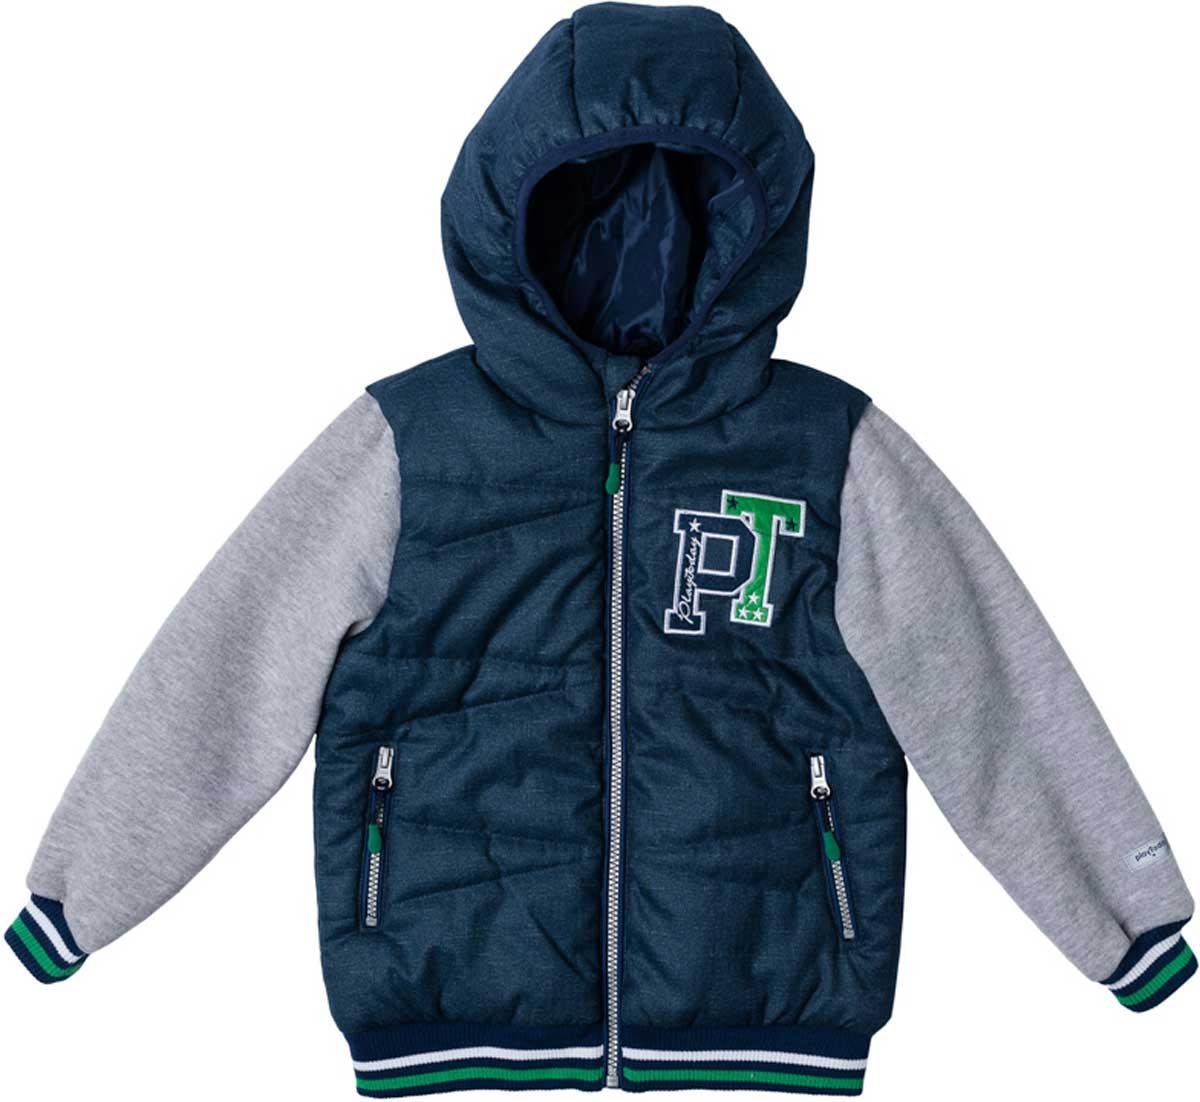 Куртка171002Эффектная утепленная куртка с капюшоном на молнии прекрасно подойдет вашему ребенку в прохладную погоду. Специальный карман для фиксации застежки-молнии не позволит застежке травмировать нежную кожу ребенка. Даже у самого активного ребенка капюшон не спадет с головы за счет удобной мягкой резинки. Наличие светоотражателя на подоле позволит видеть вашего ребенка в темное время суток. За счет рукавов из текстиля с начесом, такая куртка будет уместна и в прохладную погоду. Куртка украшена яркой аппликацией.